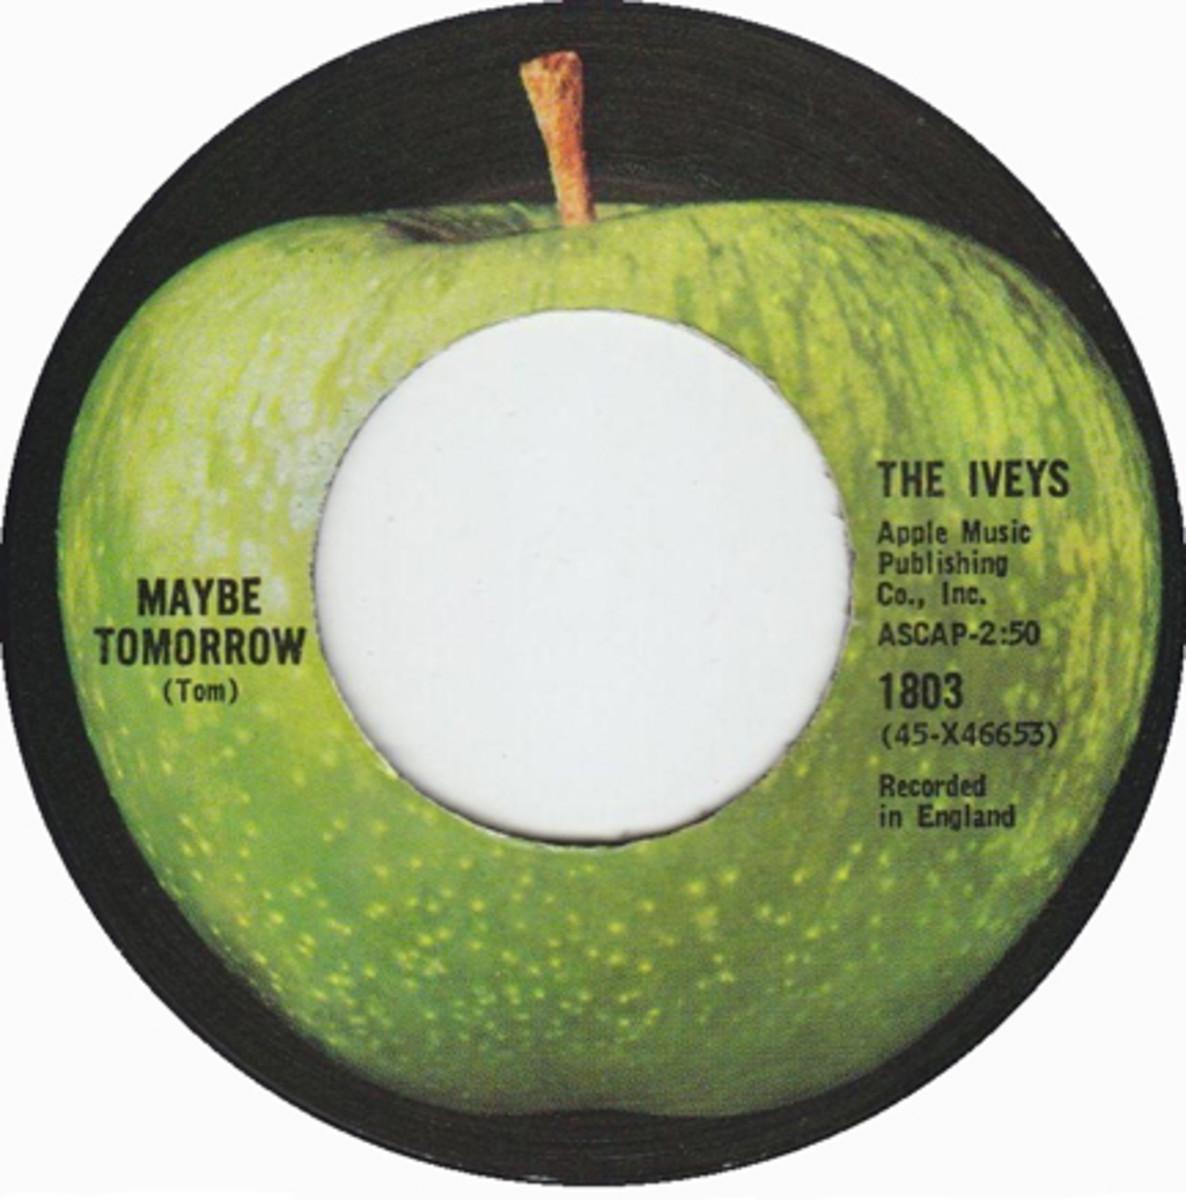 The Iveys on Apple